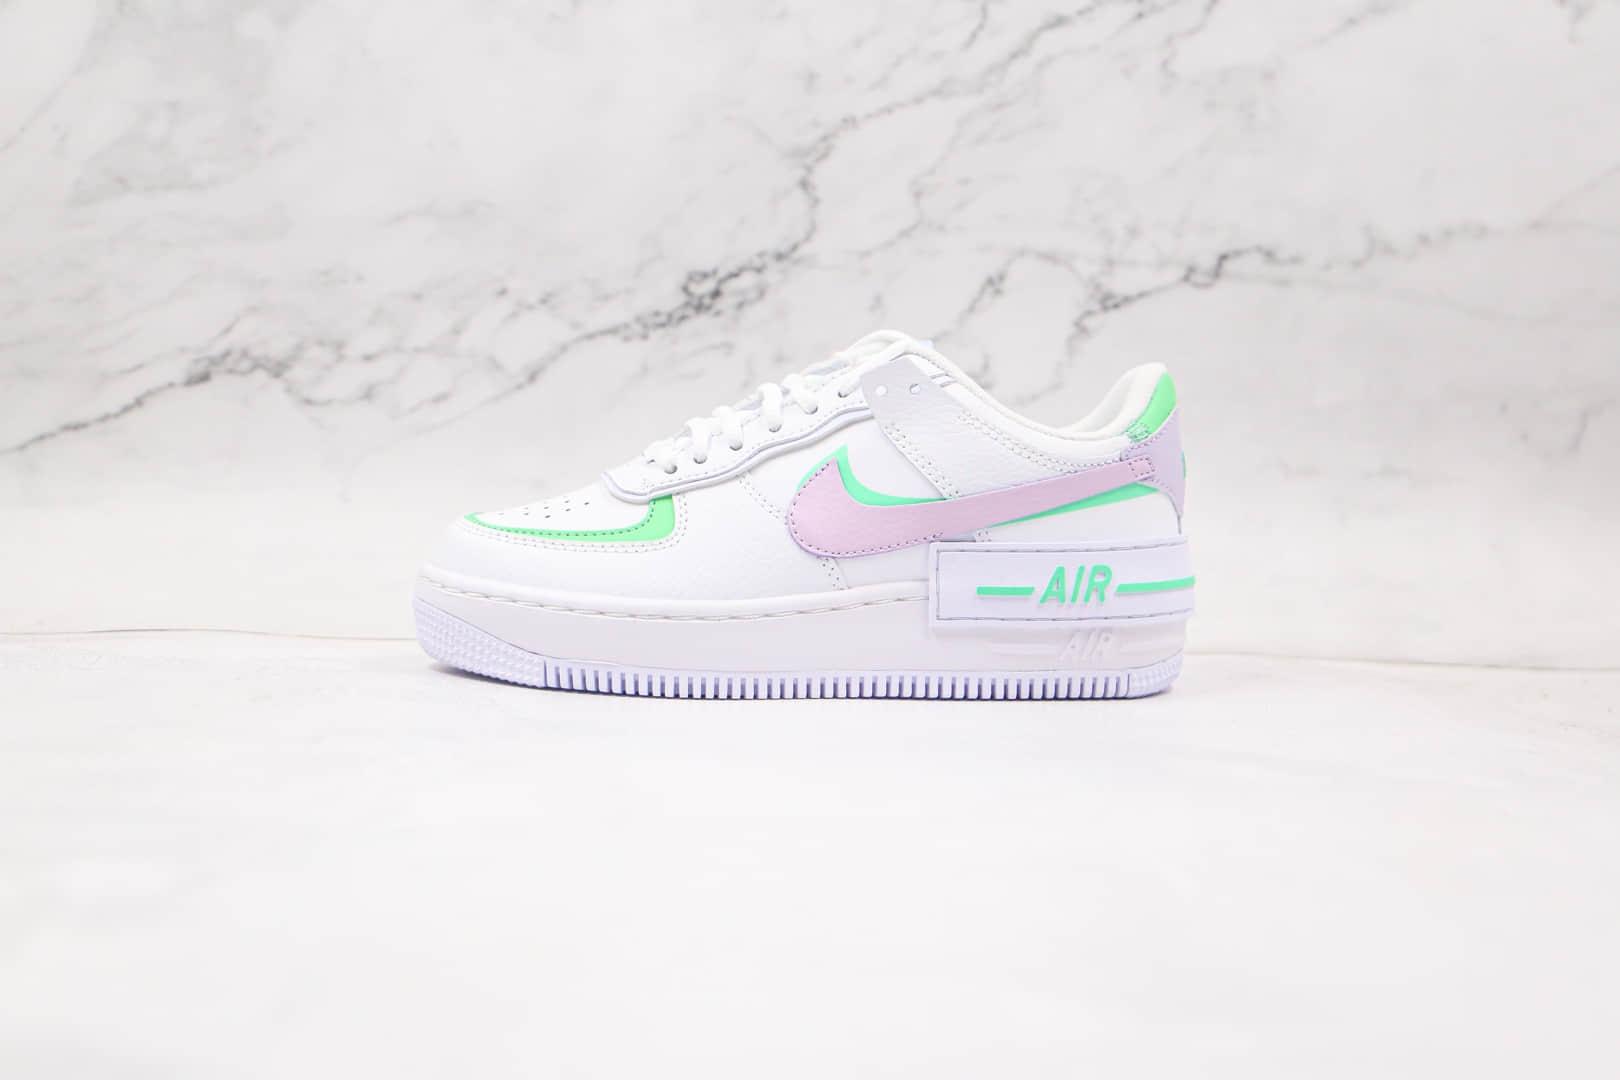 纯原版本耐克空军一号马卡龙双钩白紫粉绿板鞋出货